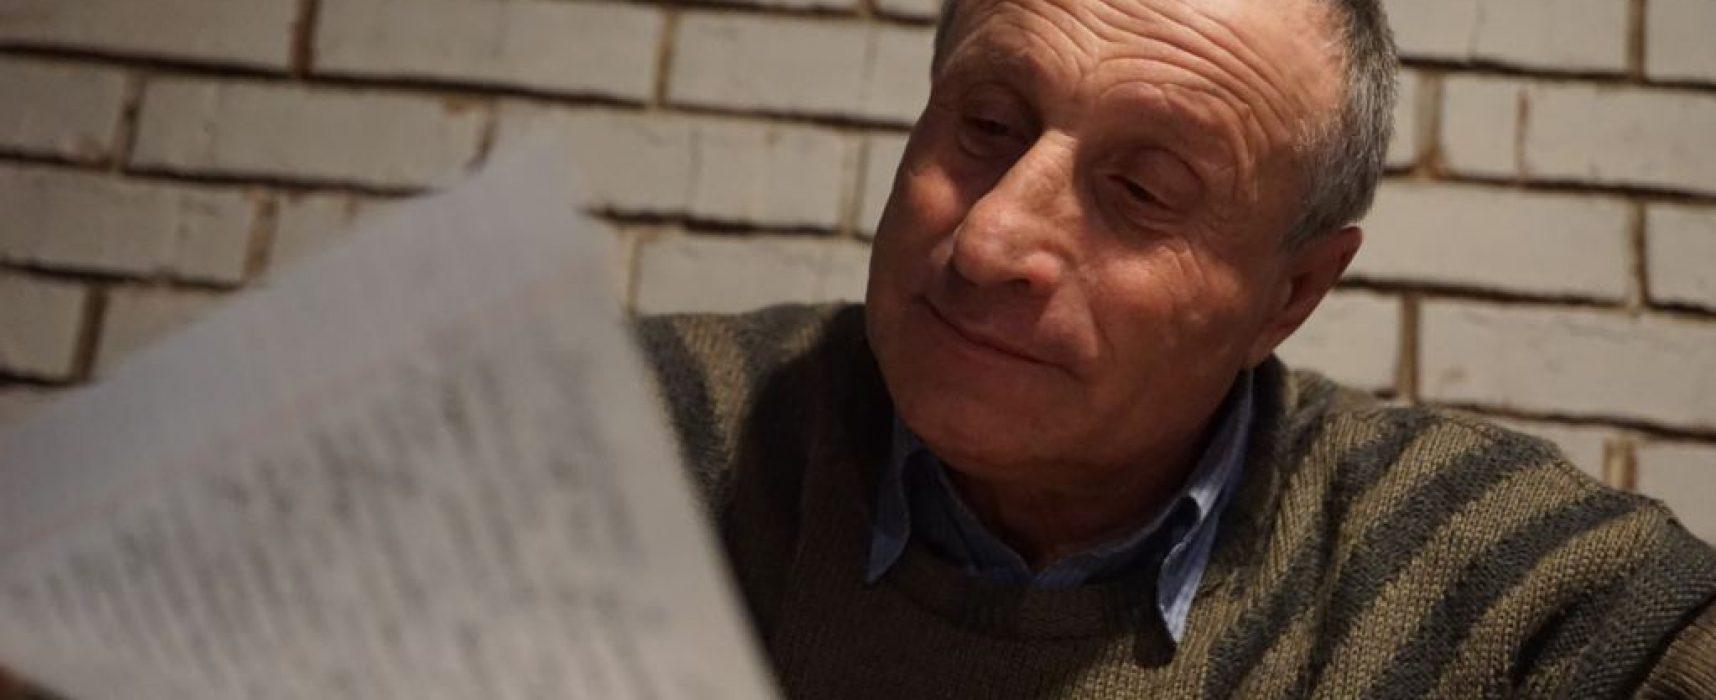 Журналисту Семене отказали в возможности покинуть Крым для лечения